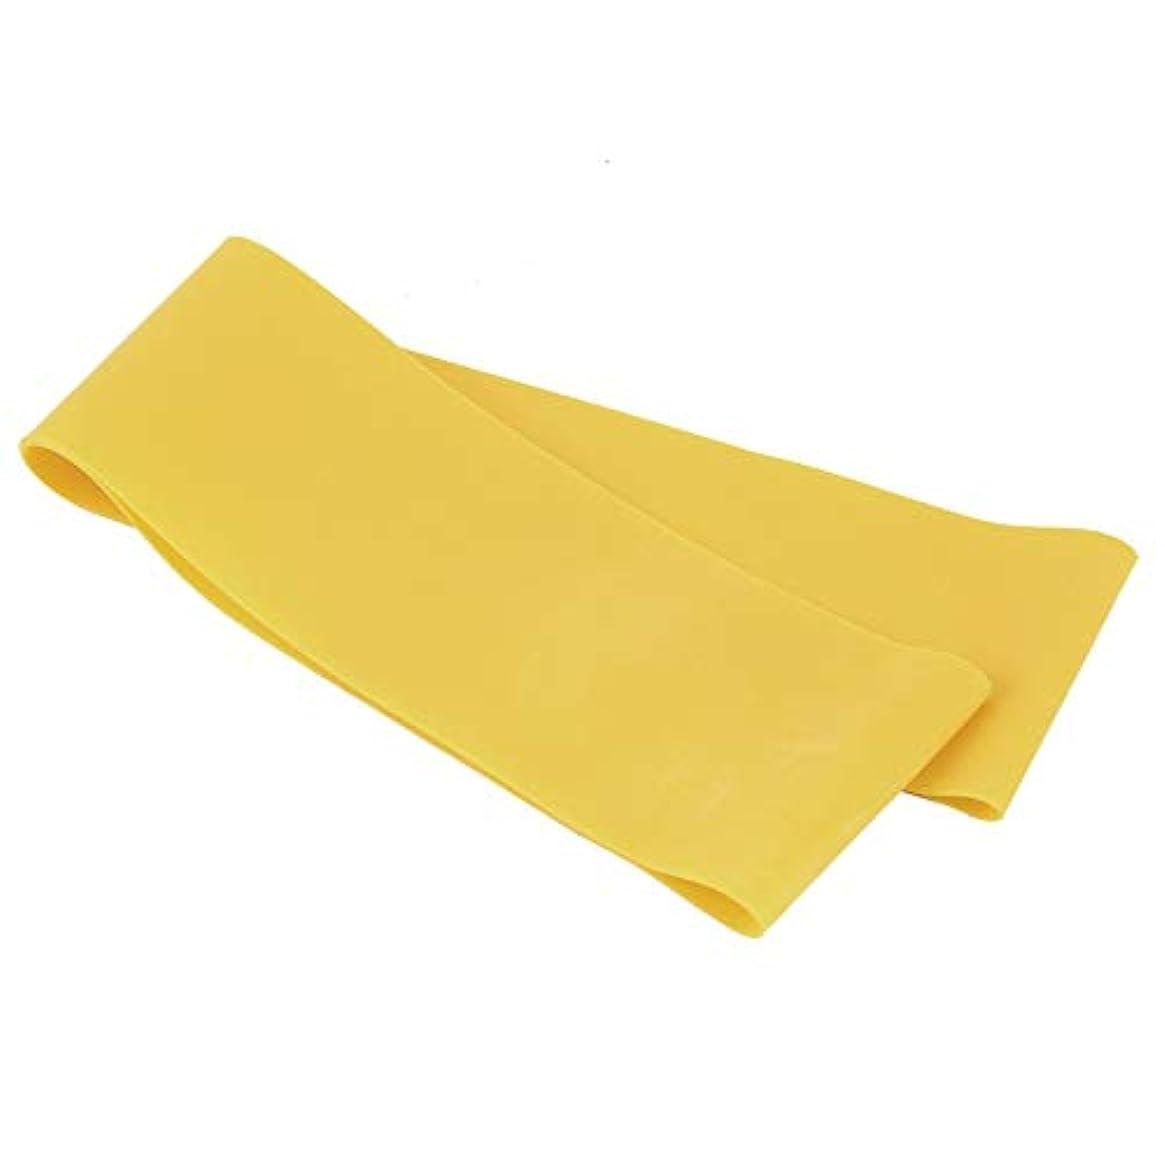 驚いた銛まっすぐ滑り止めの伸縮性のあるゴム製伸縮性があるヨガのベルトバンド引きロープの張力抵抗バンドループ強さのためのフィットネスヨガツール - 黄色